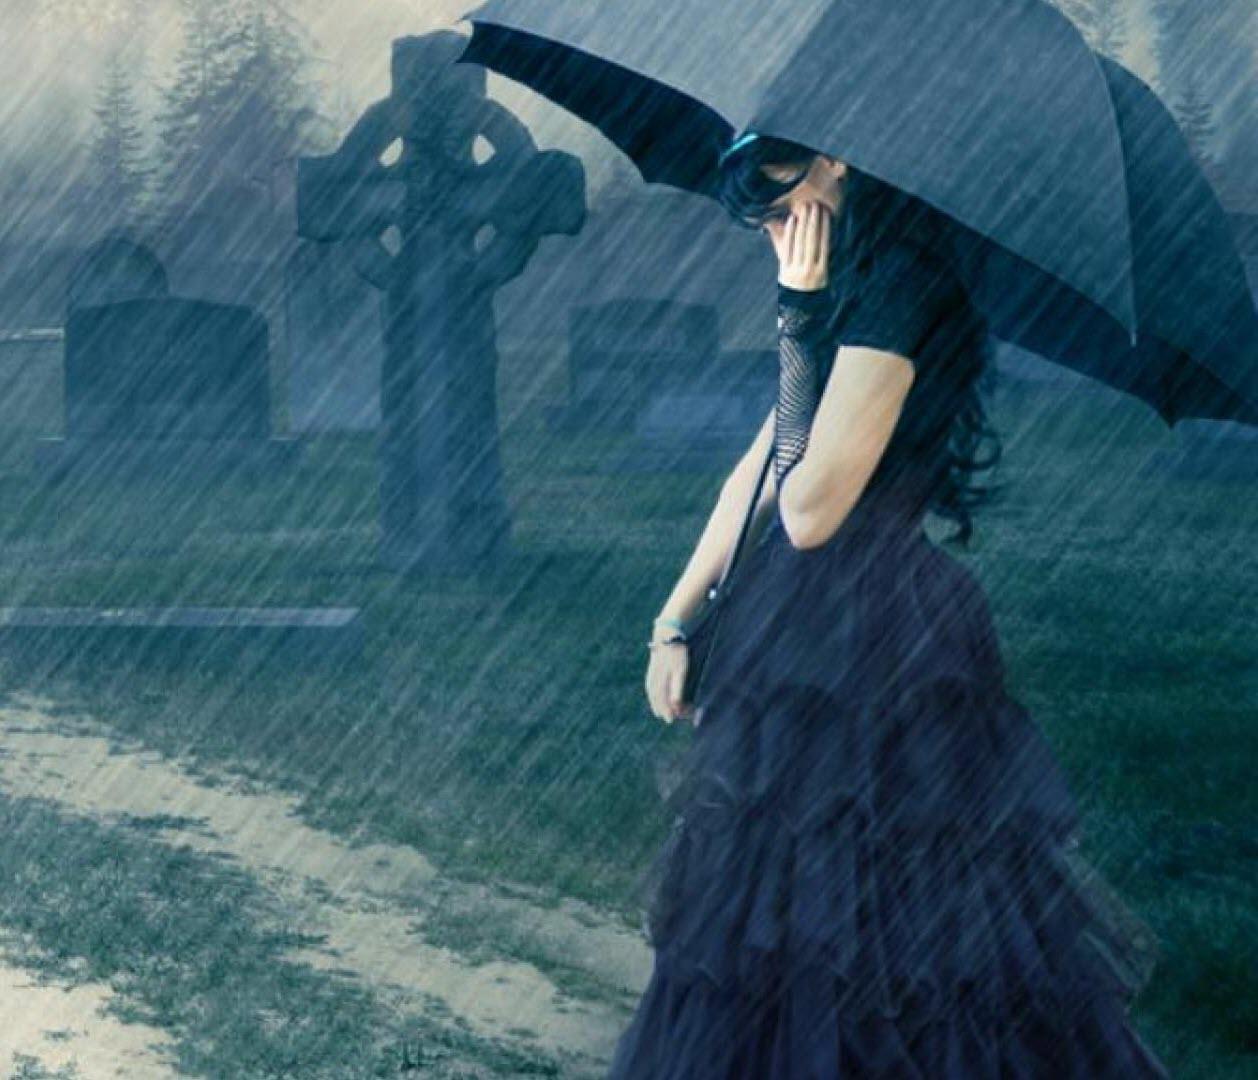 Ảnh đại diện facebook cô gái buồn dưới mưa